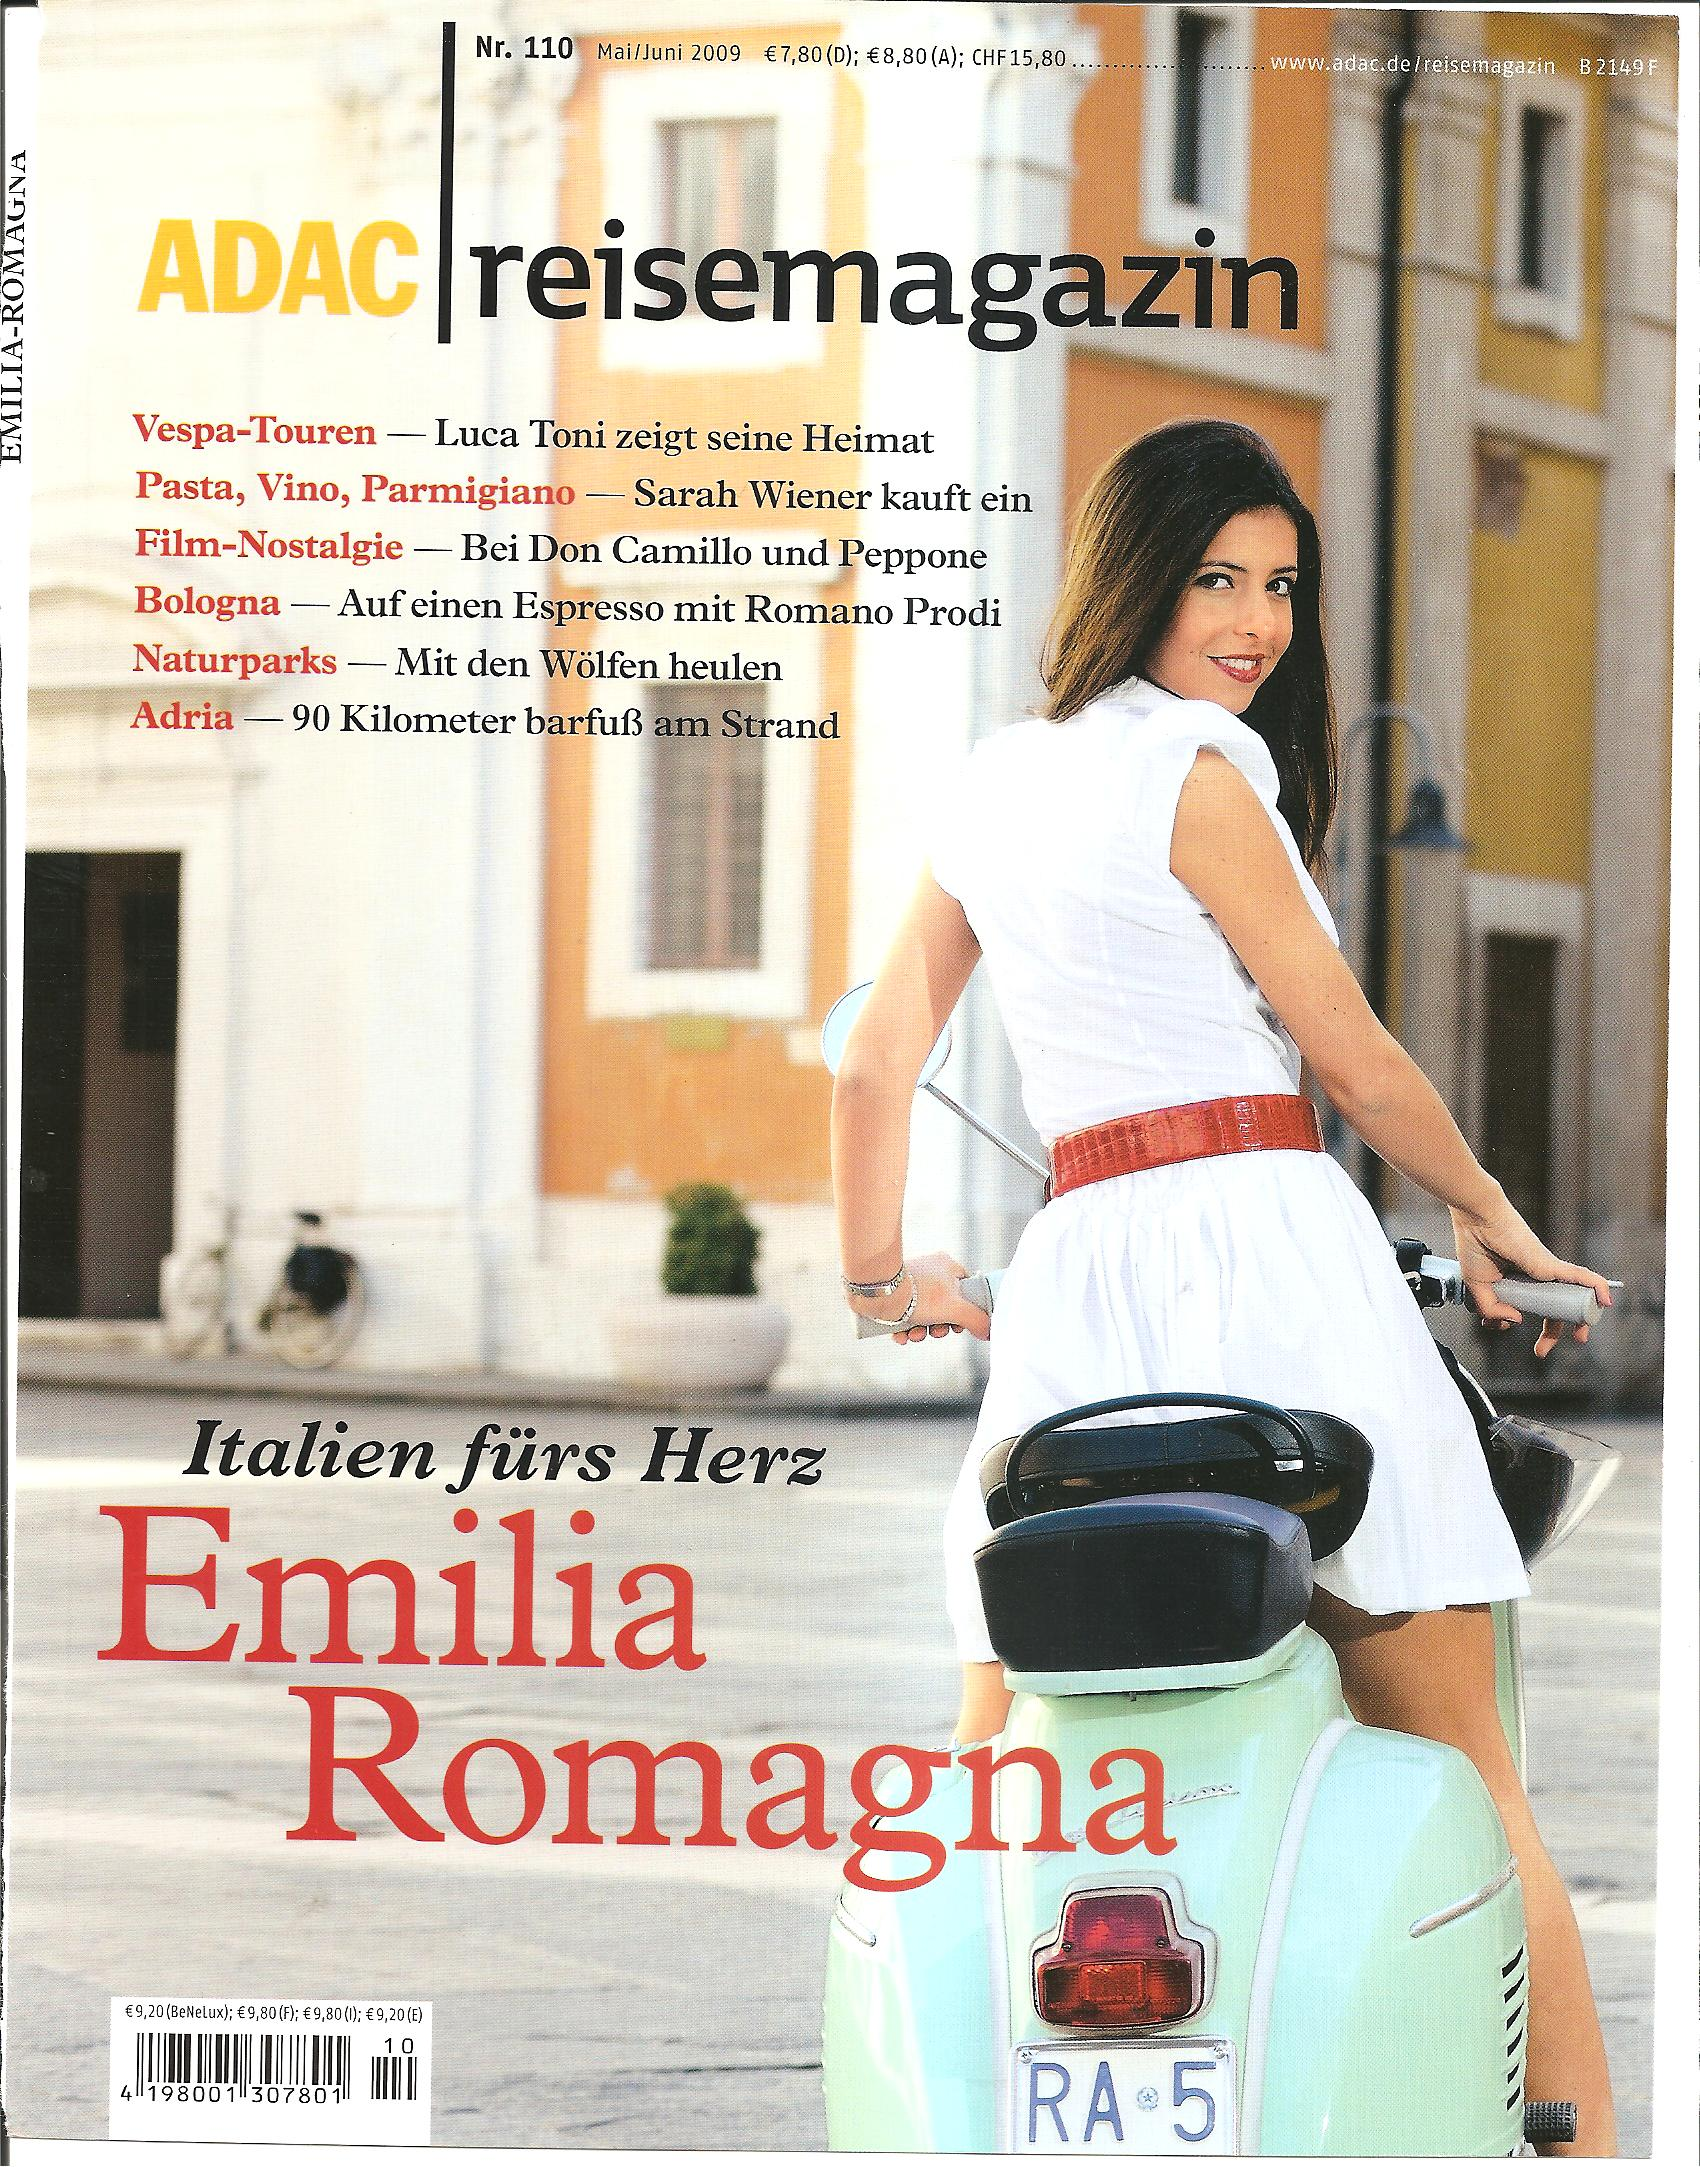 EMILIA ROMAGNA 001